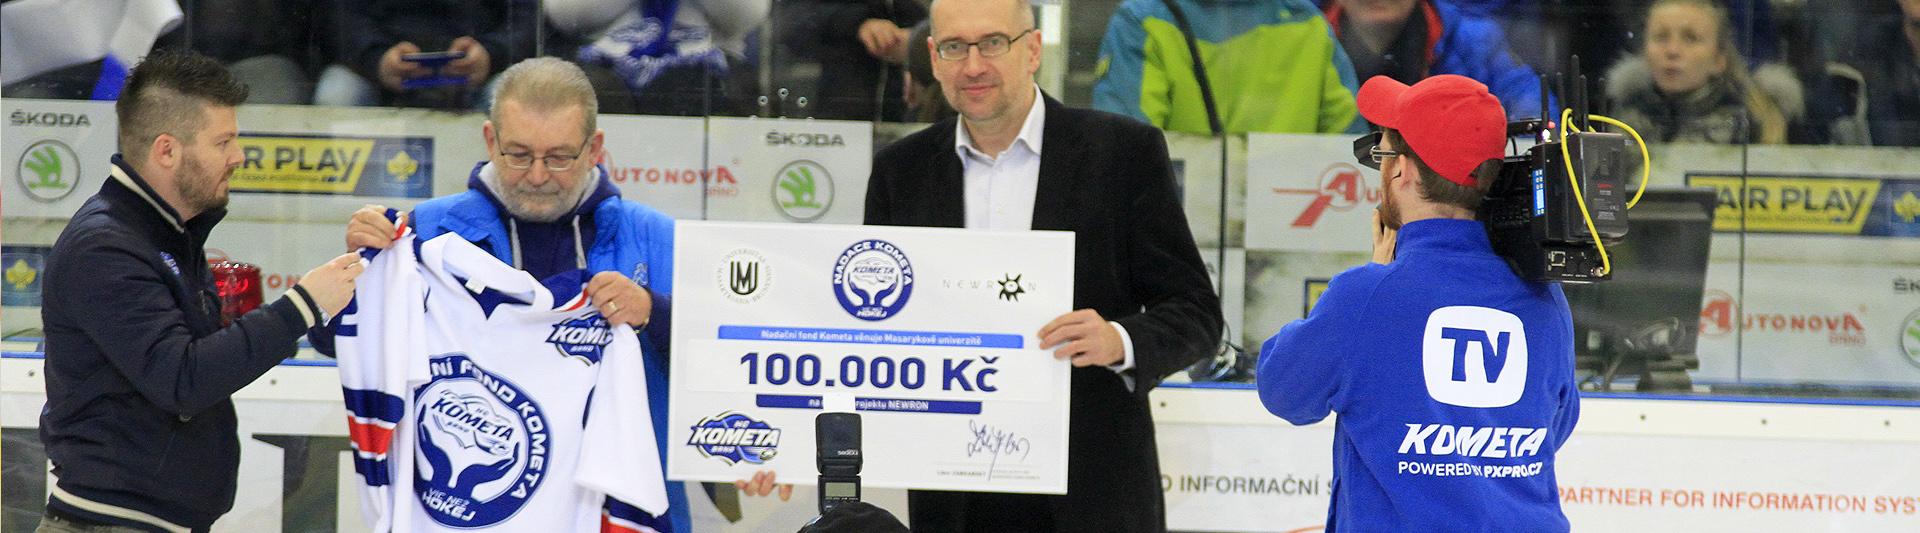 100 000 korun pro NEWRON!